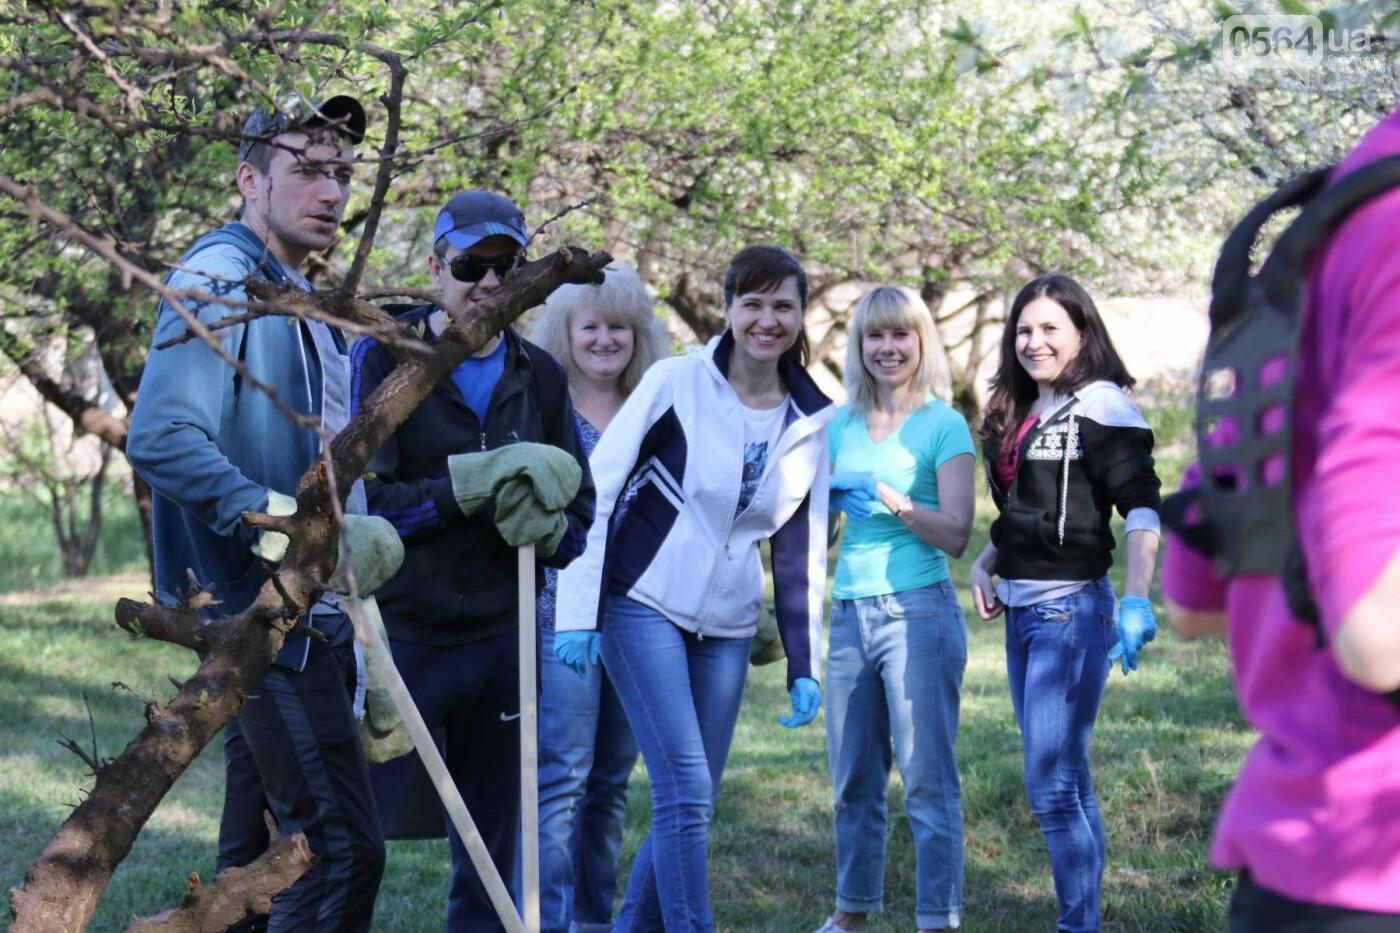 Сотрудники рудника «Суха Балка» провели праздник весны и чистоты, фото-2